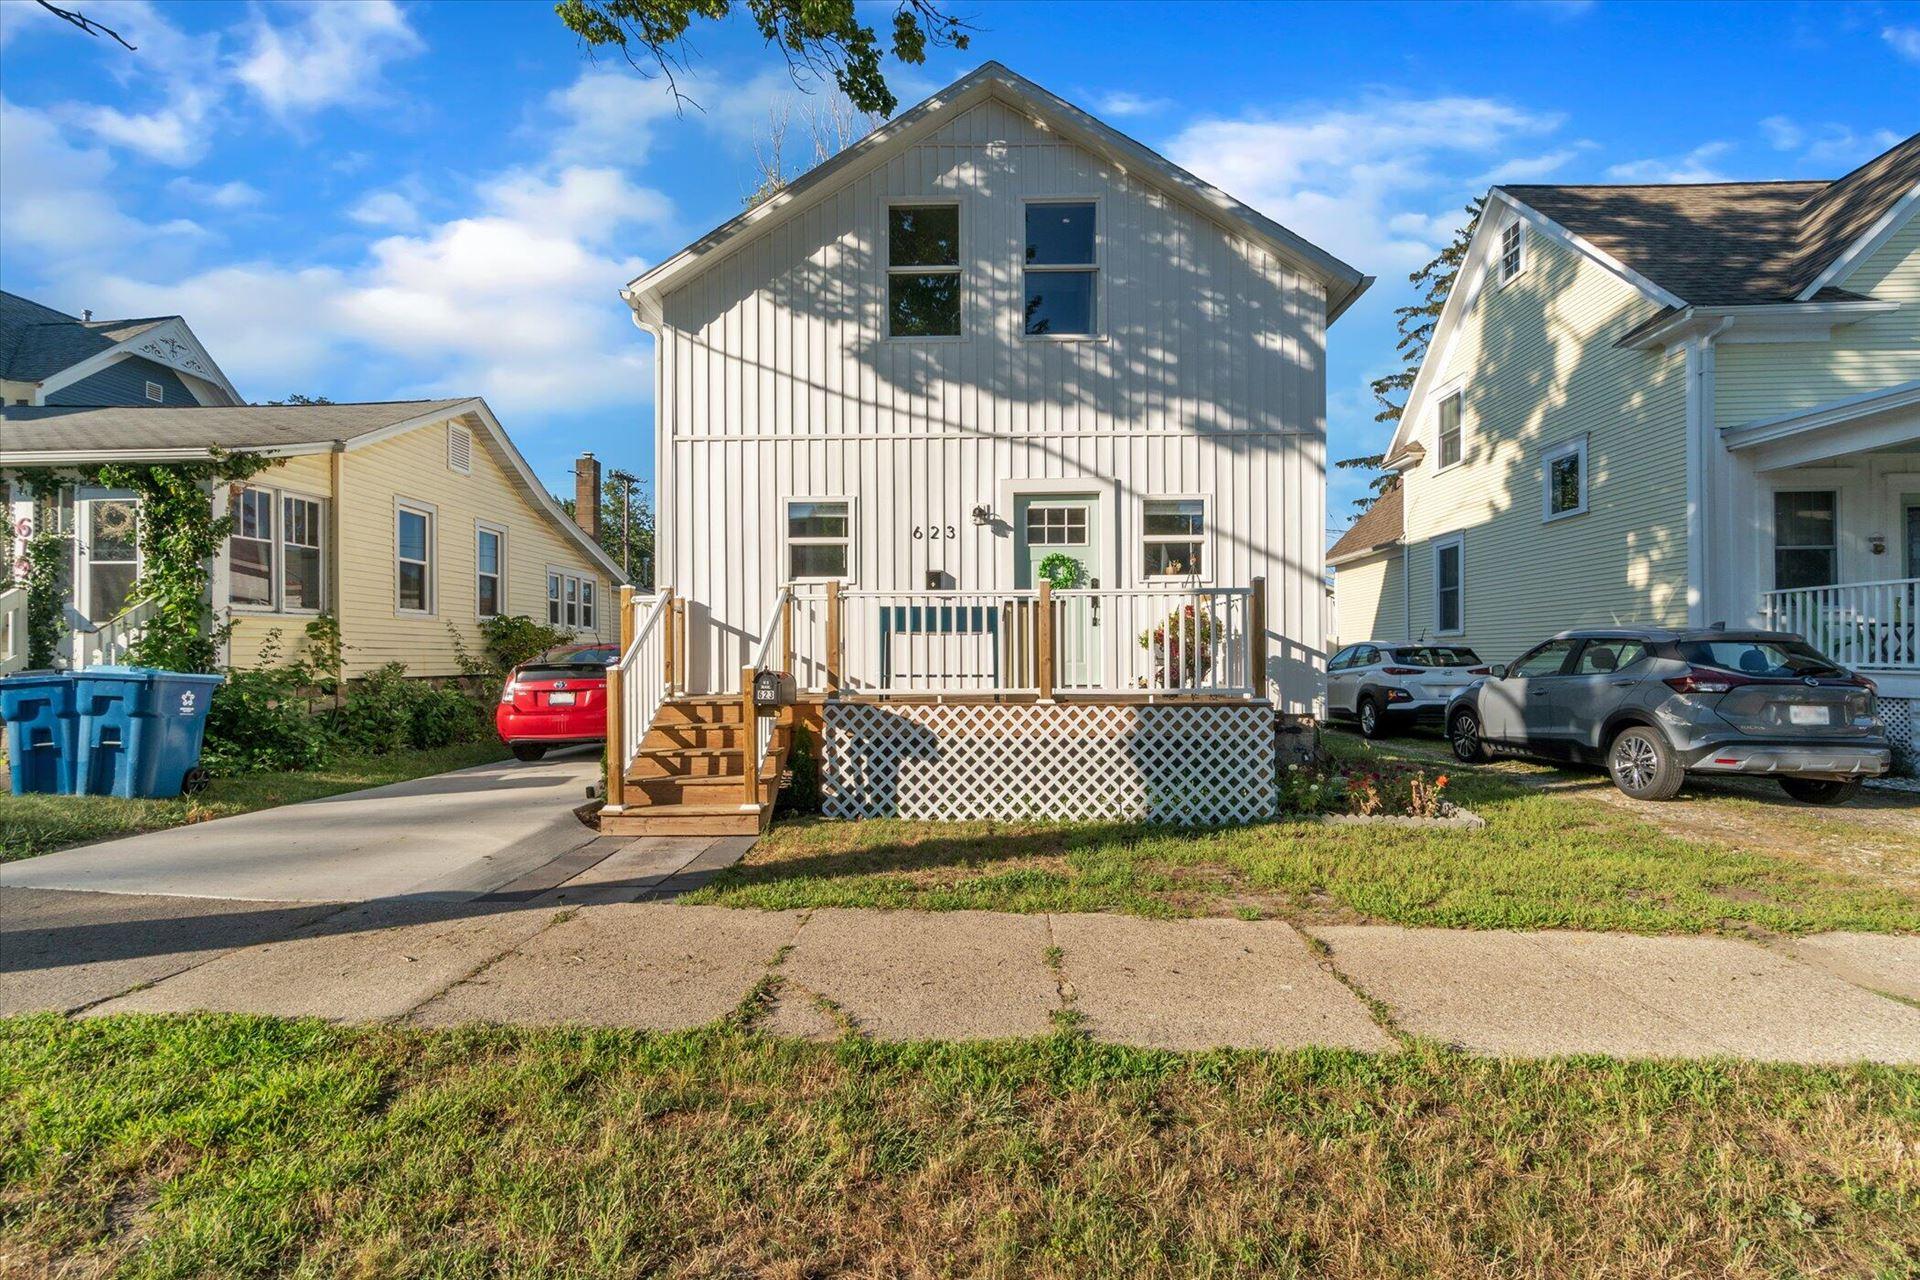 623 Fulton Street, Grand Haven, MI 49417 - MLS#: 21103524